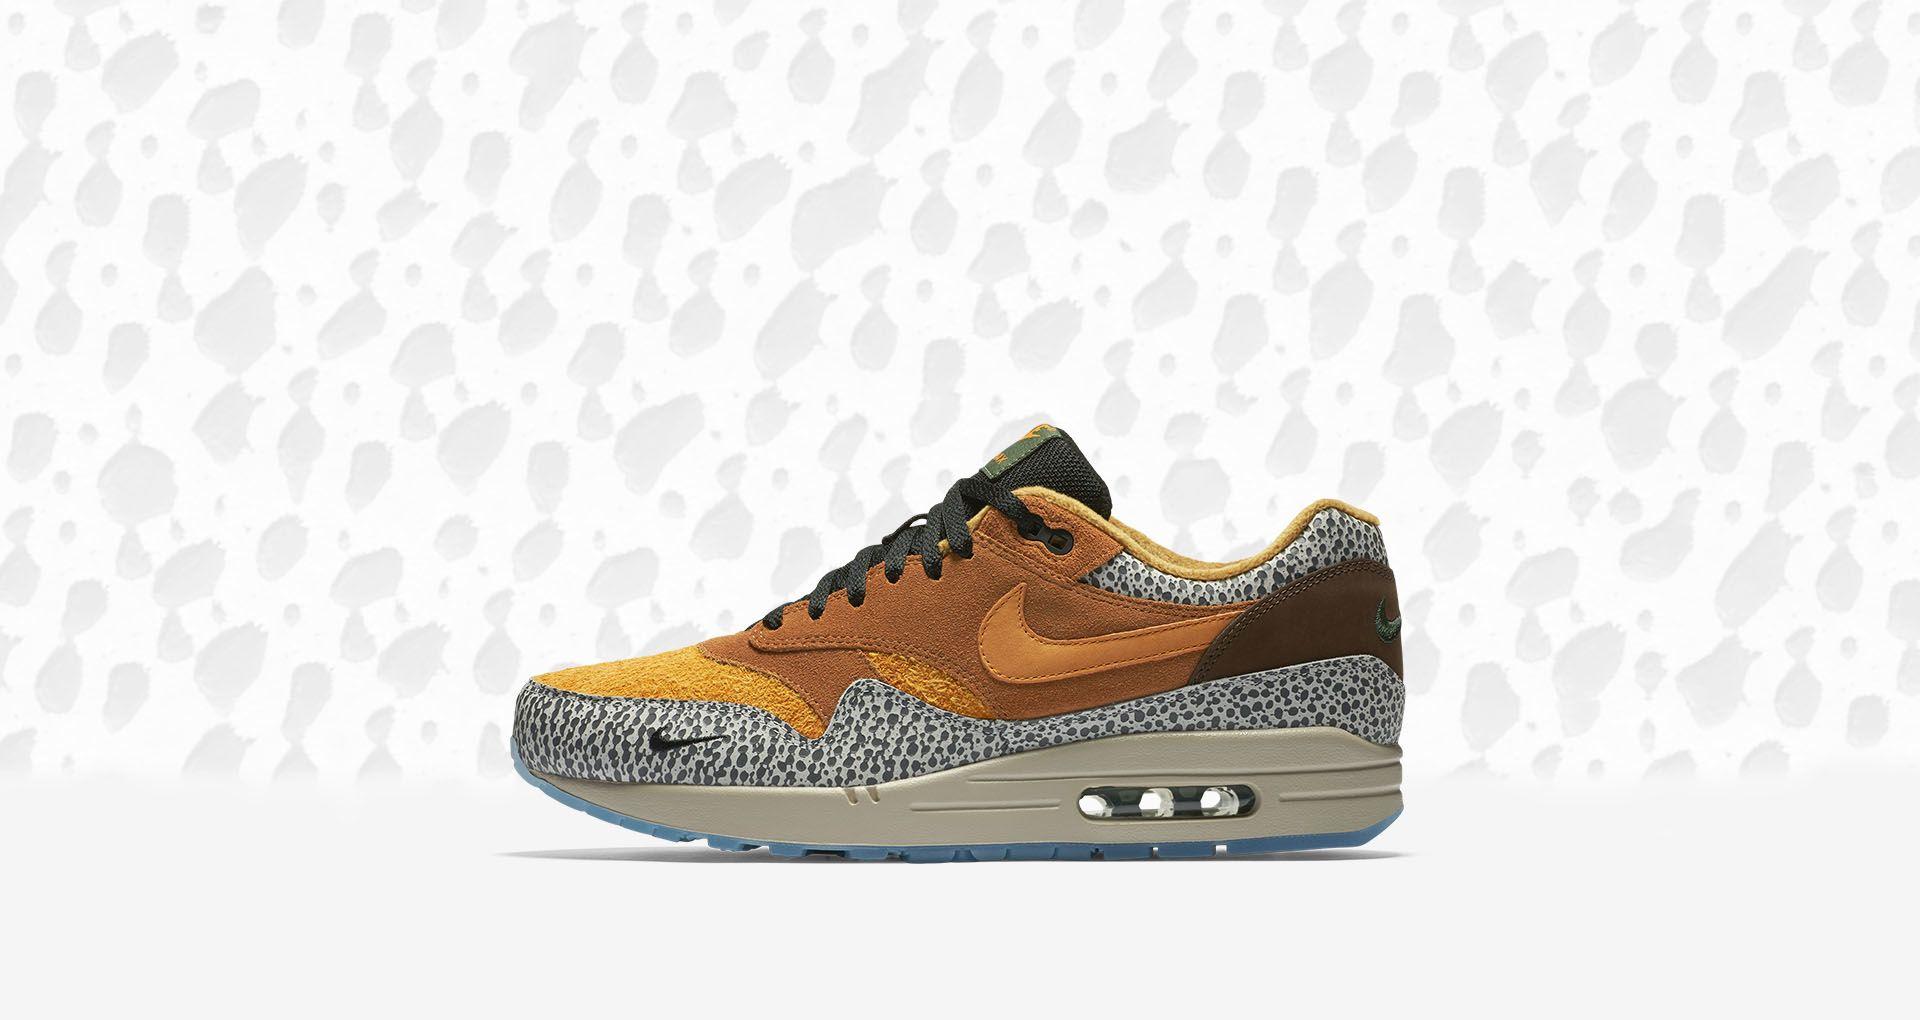 Nike Air Max 1 'Safari' Release Date. Nike SNKRS